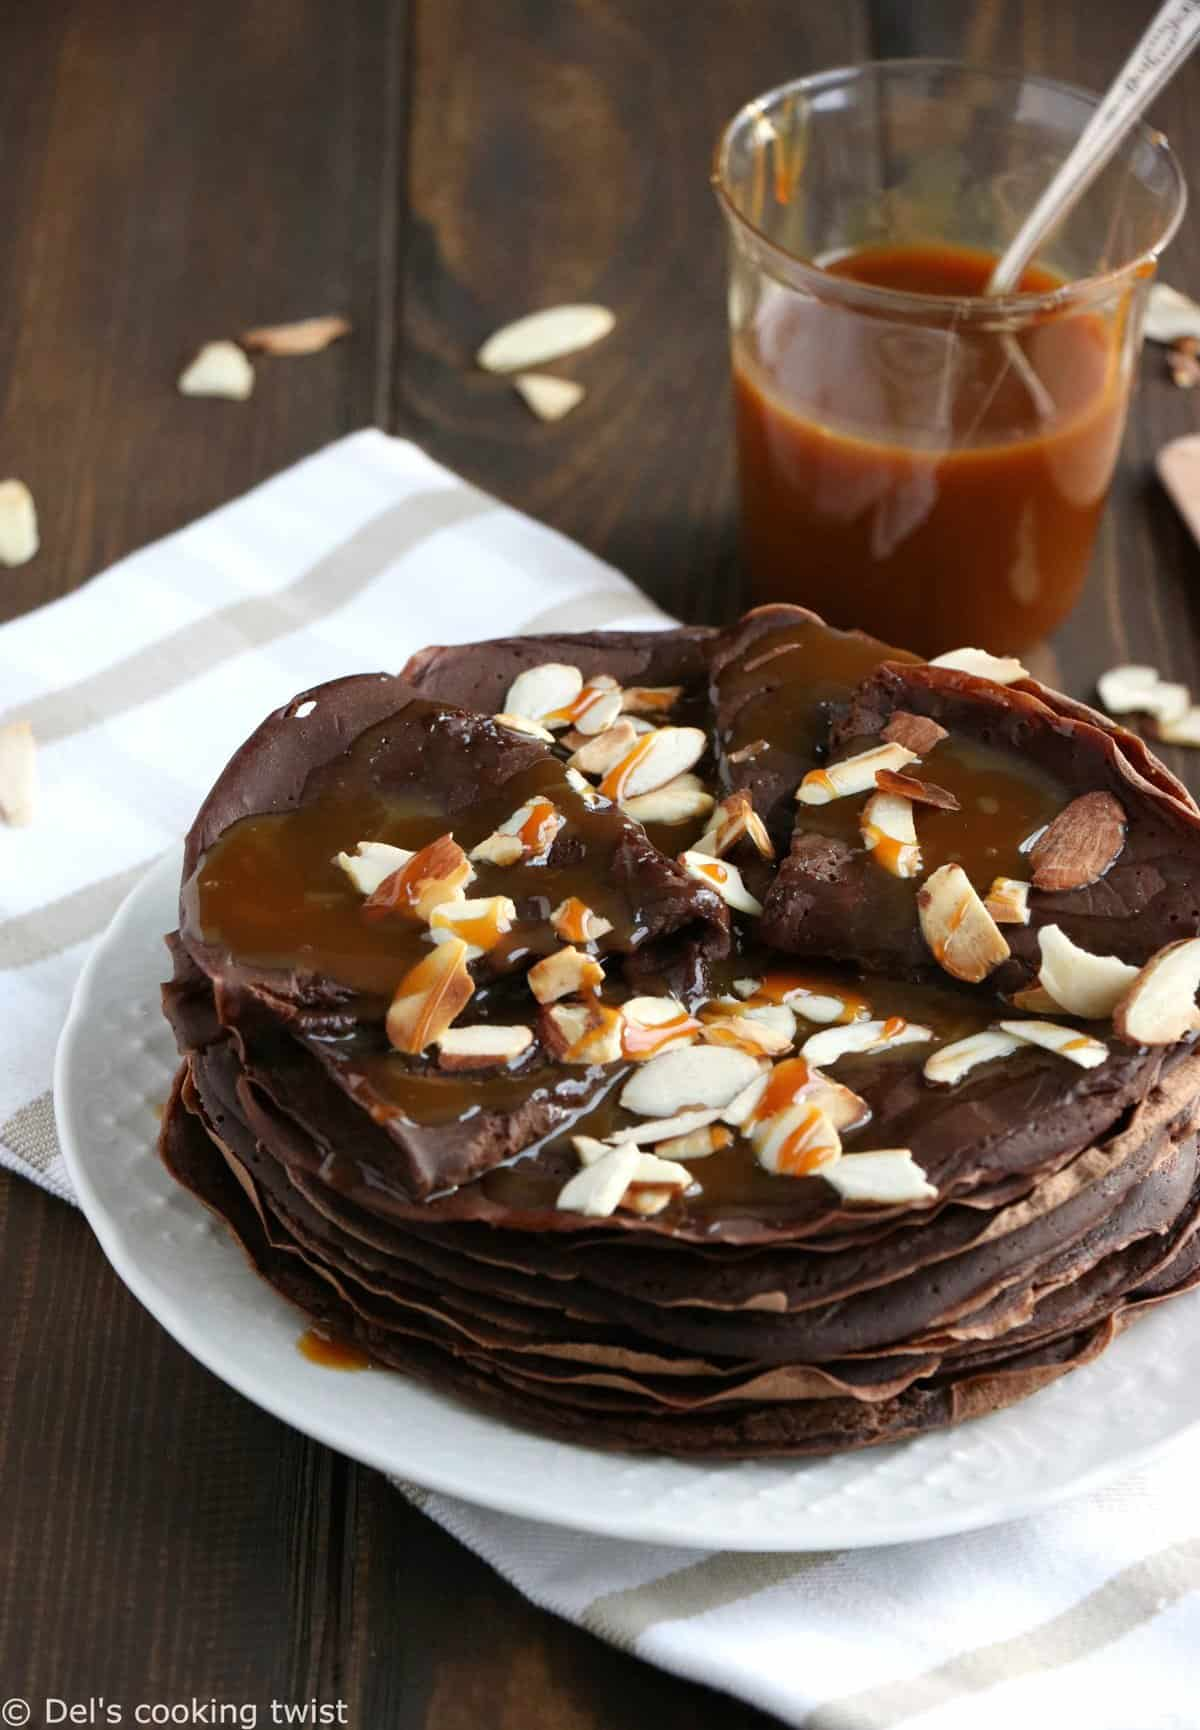 Vegan Chocolate Crepes with Caramel Sauce